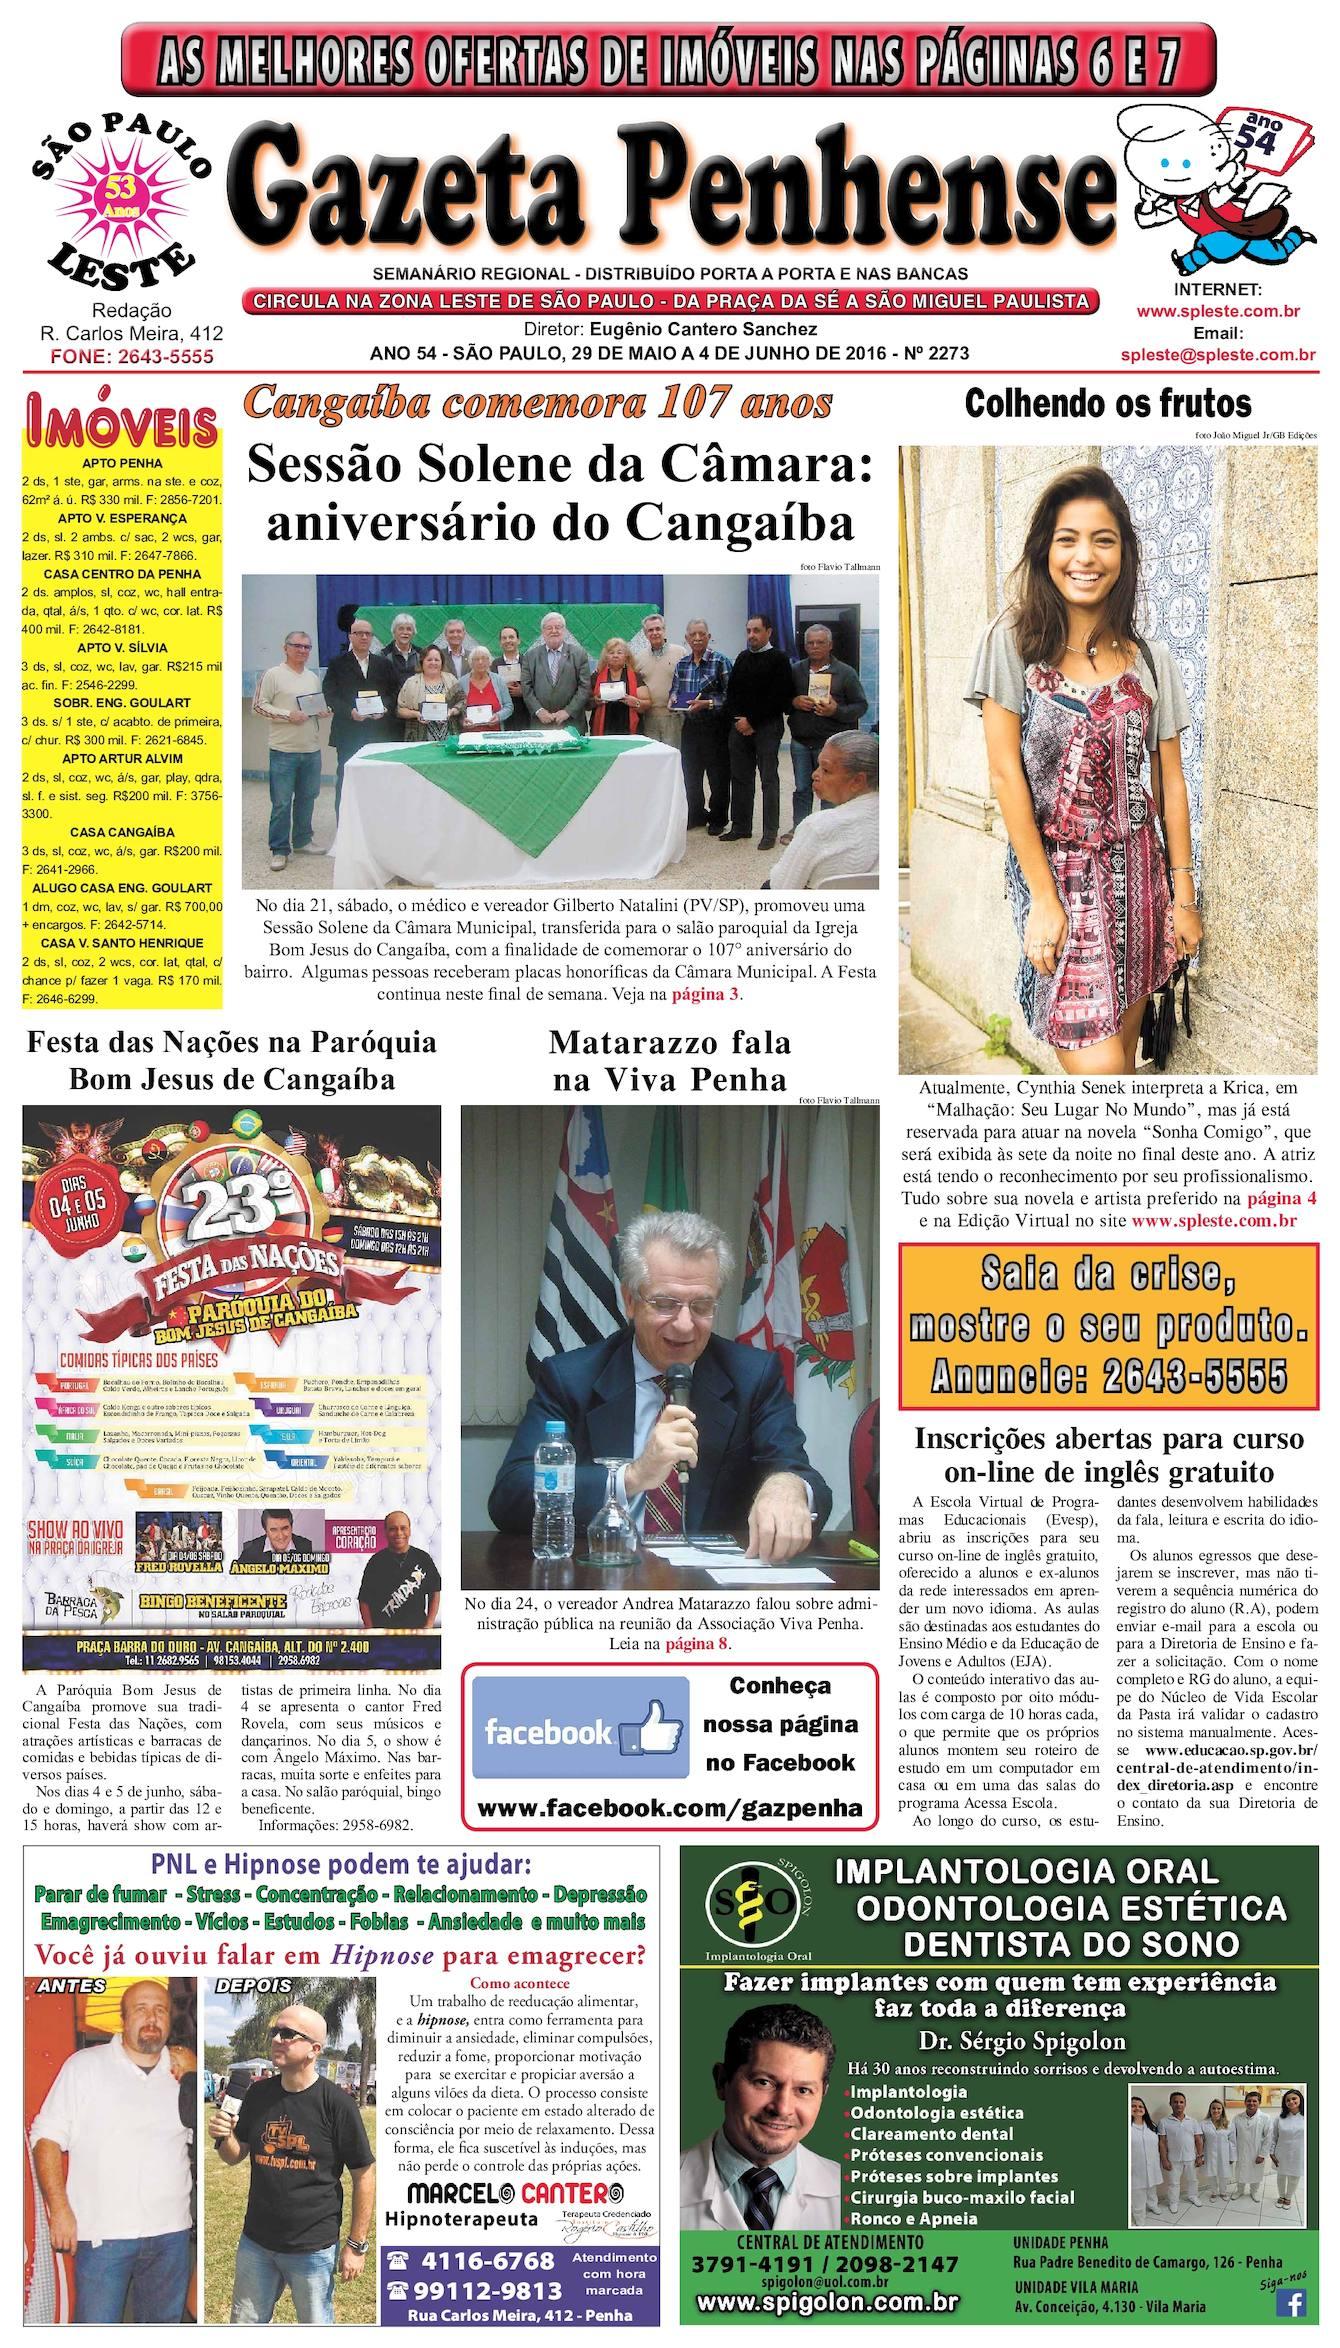 f9deef74bcd23 Calaméo - Gazeta Penhense - edição 2273 - 29.05 a 04.06.16